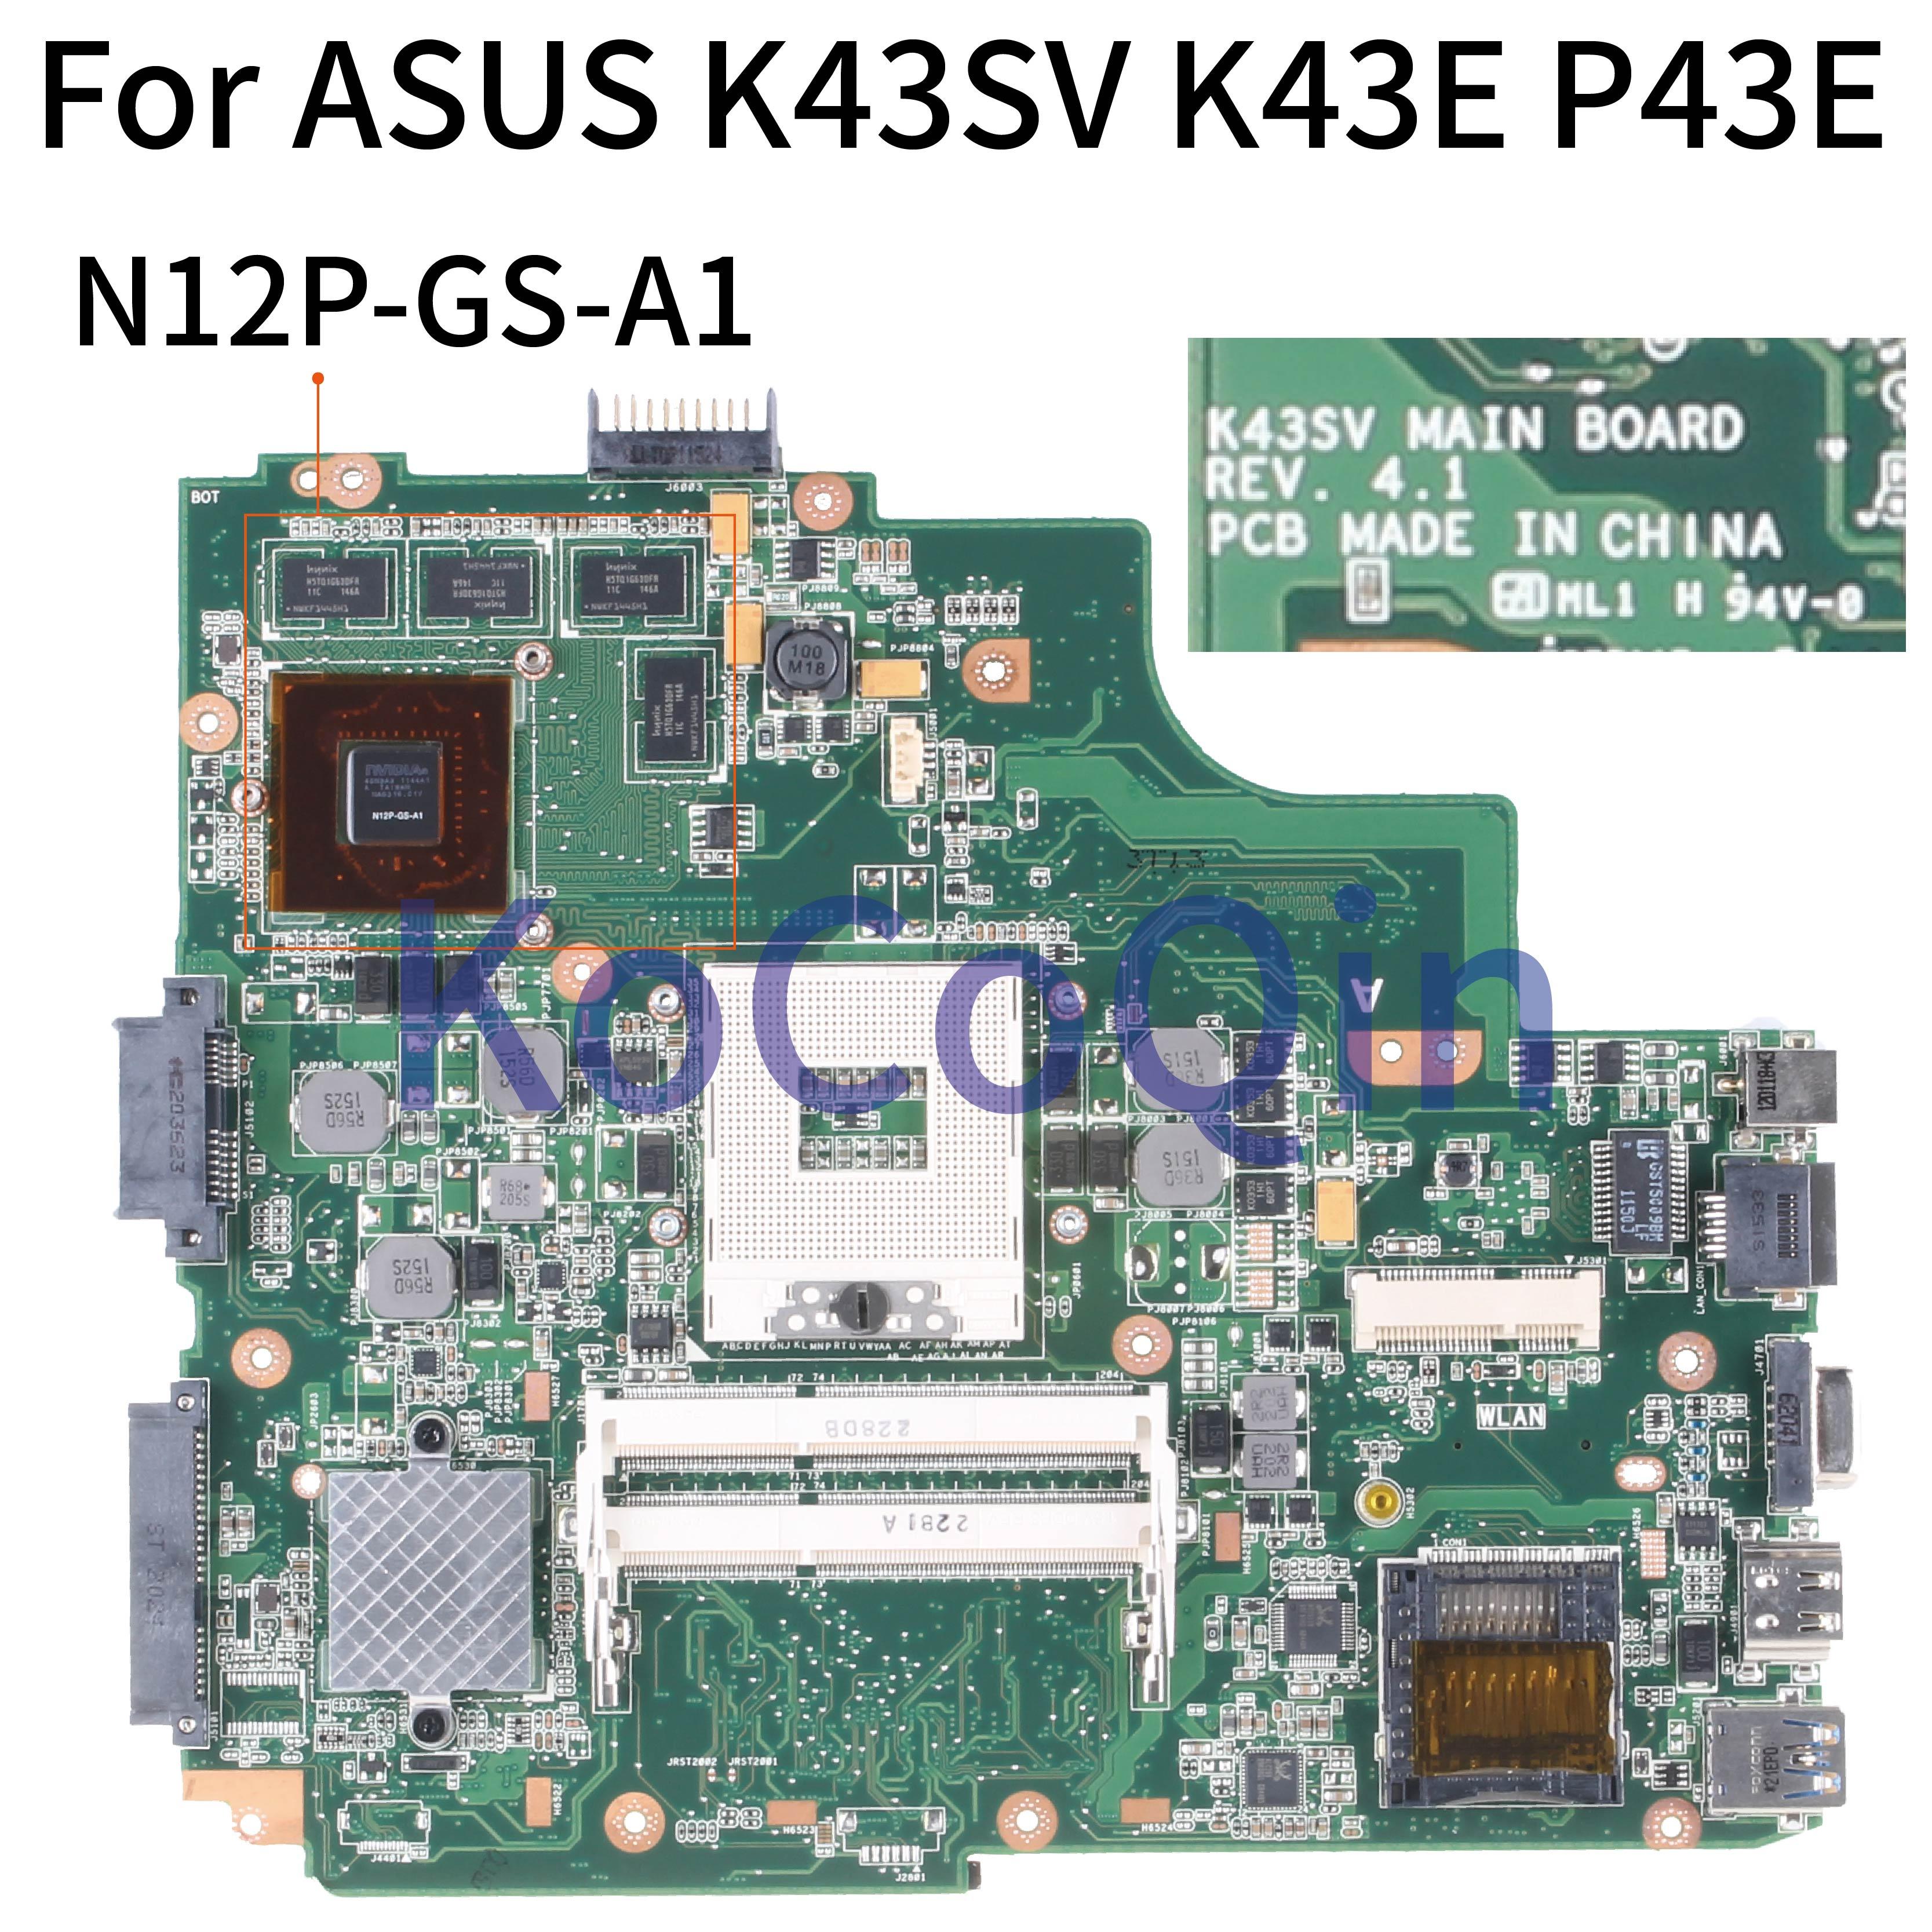 ل ASUS K43SV K43E P43E الأساسية HM65 N12P-GS-A1 اللوحة الأم لأجهزة الكمبيوتر المحمول نوت 4.1 اللوحة الأم